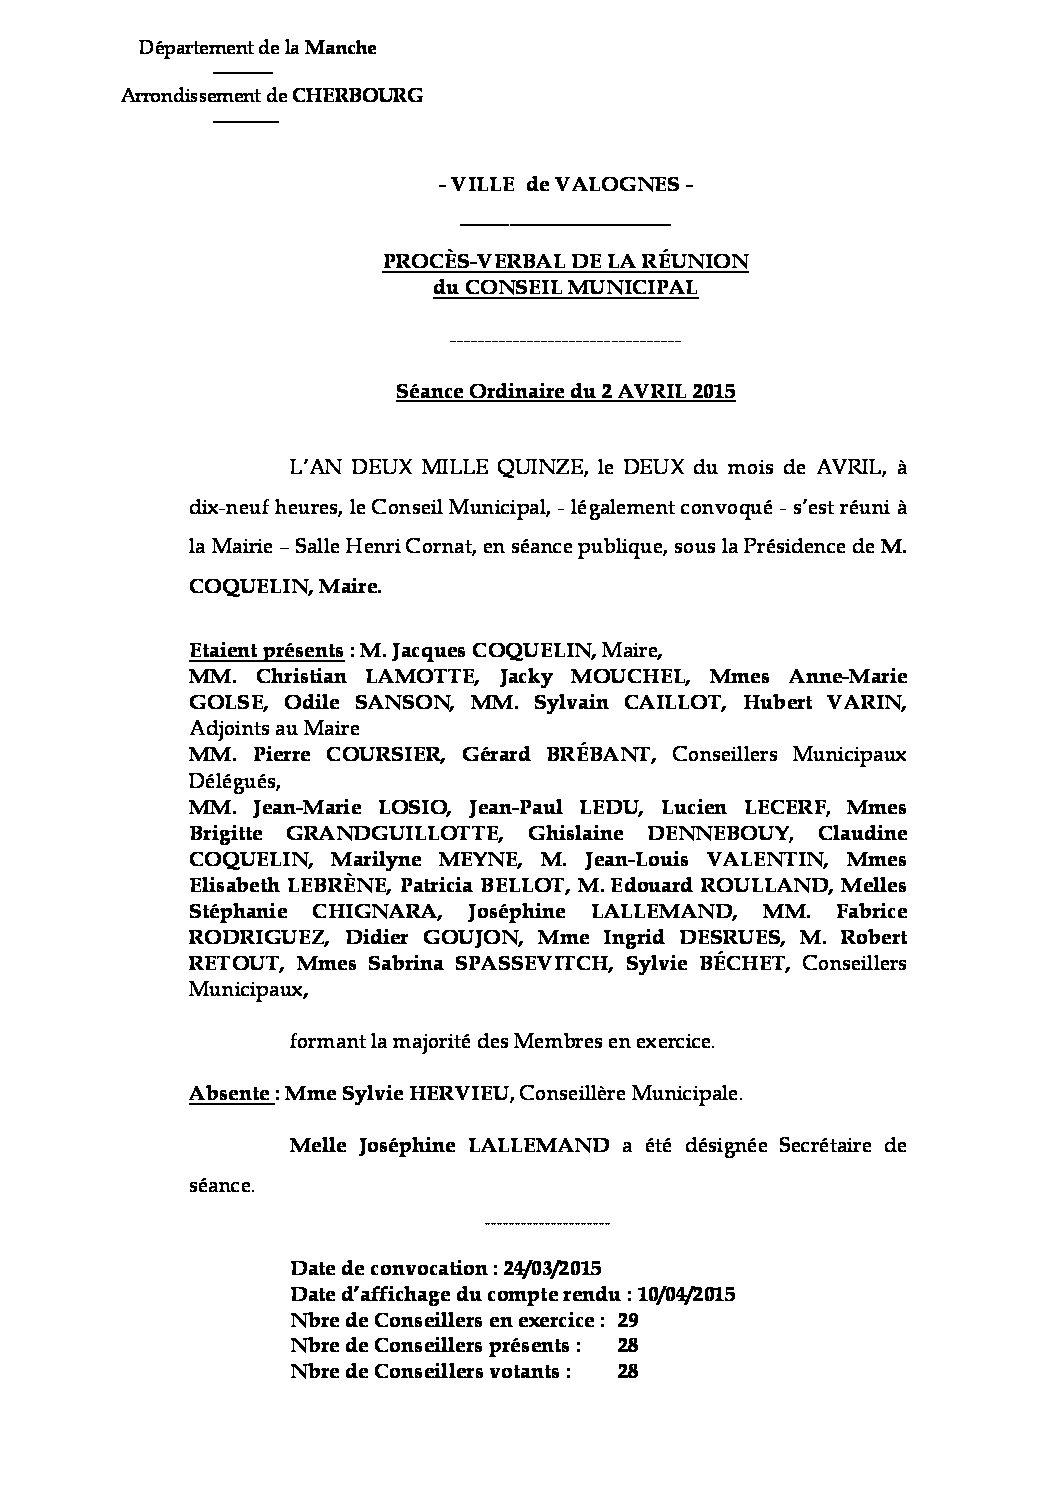 Procès-verbal du 02-04-2015 - Procès-verbal de la réunion du Conseil Municipal du 2 avril 2015, approuvé lors de la séance du 2 juillet.